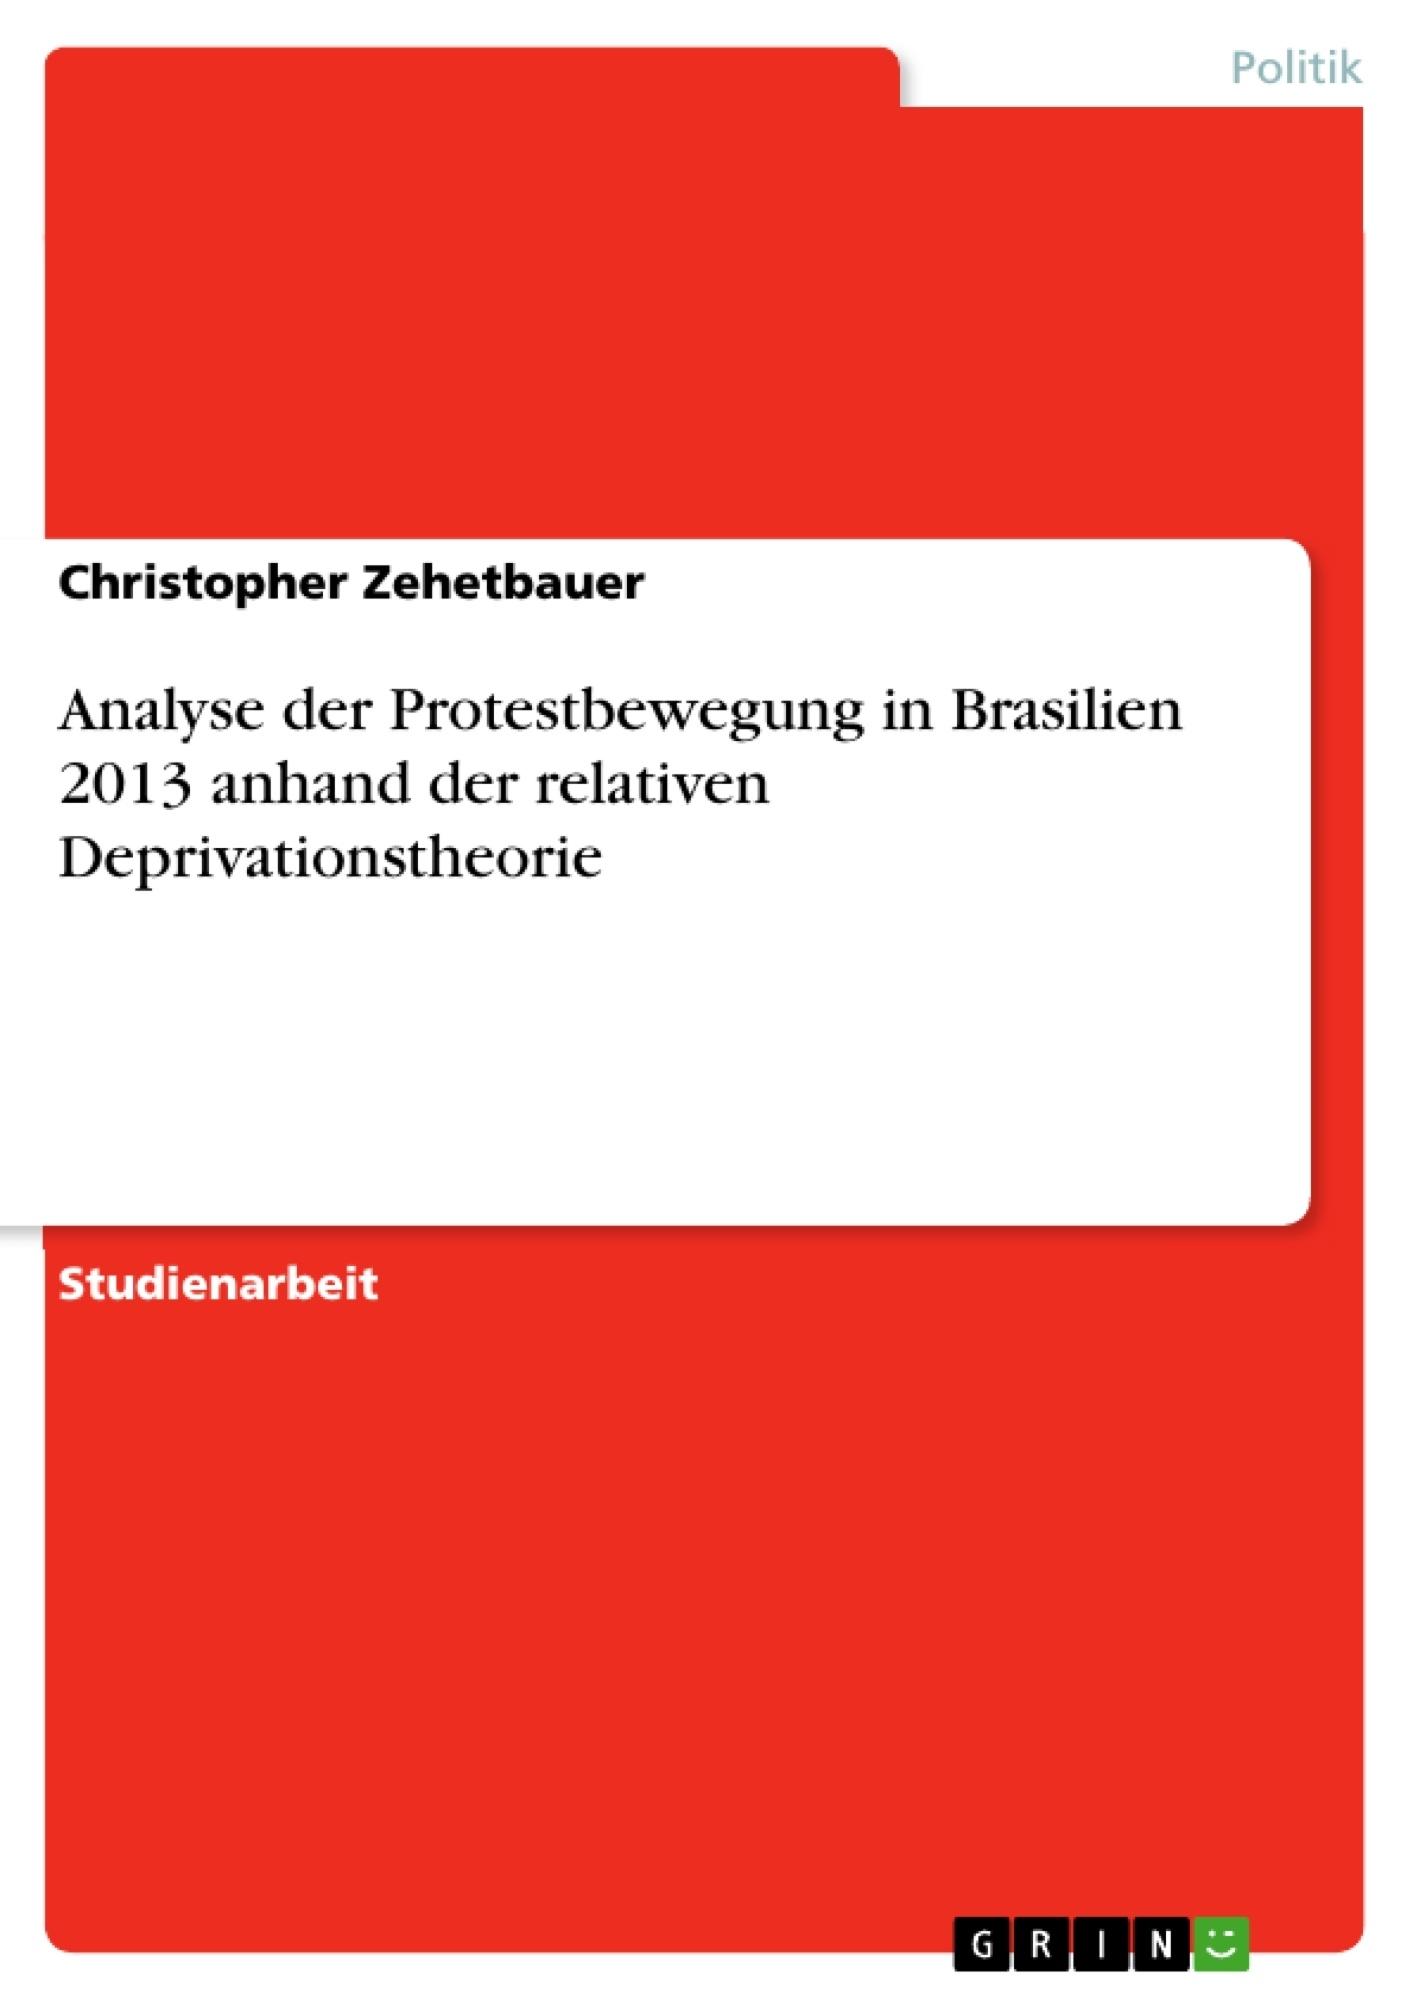 Titel: Analyse der Protestbewegung in Brasilien 2013 anhand der relativen Deprivationstheorie